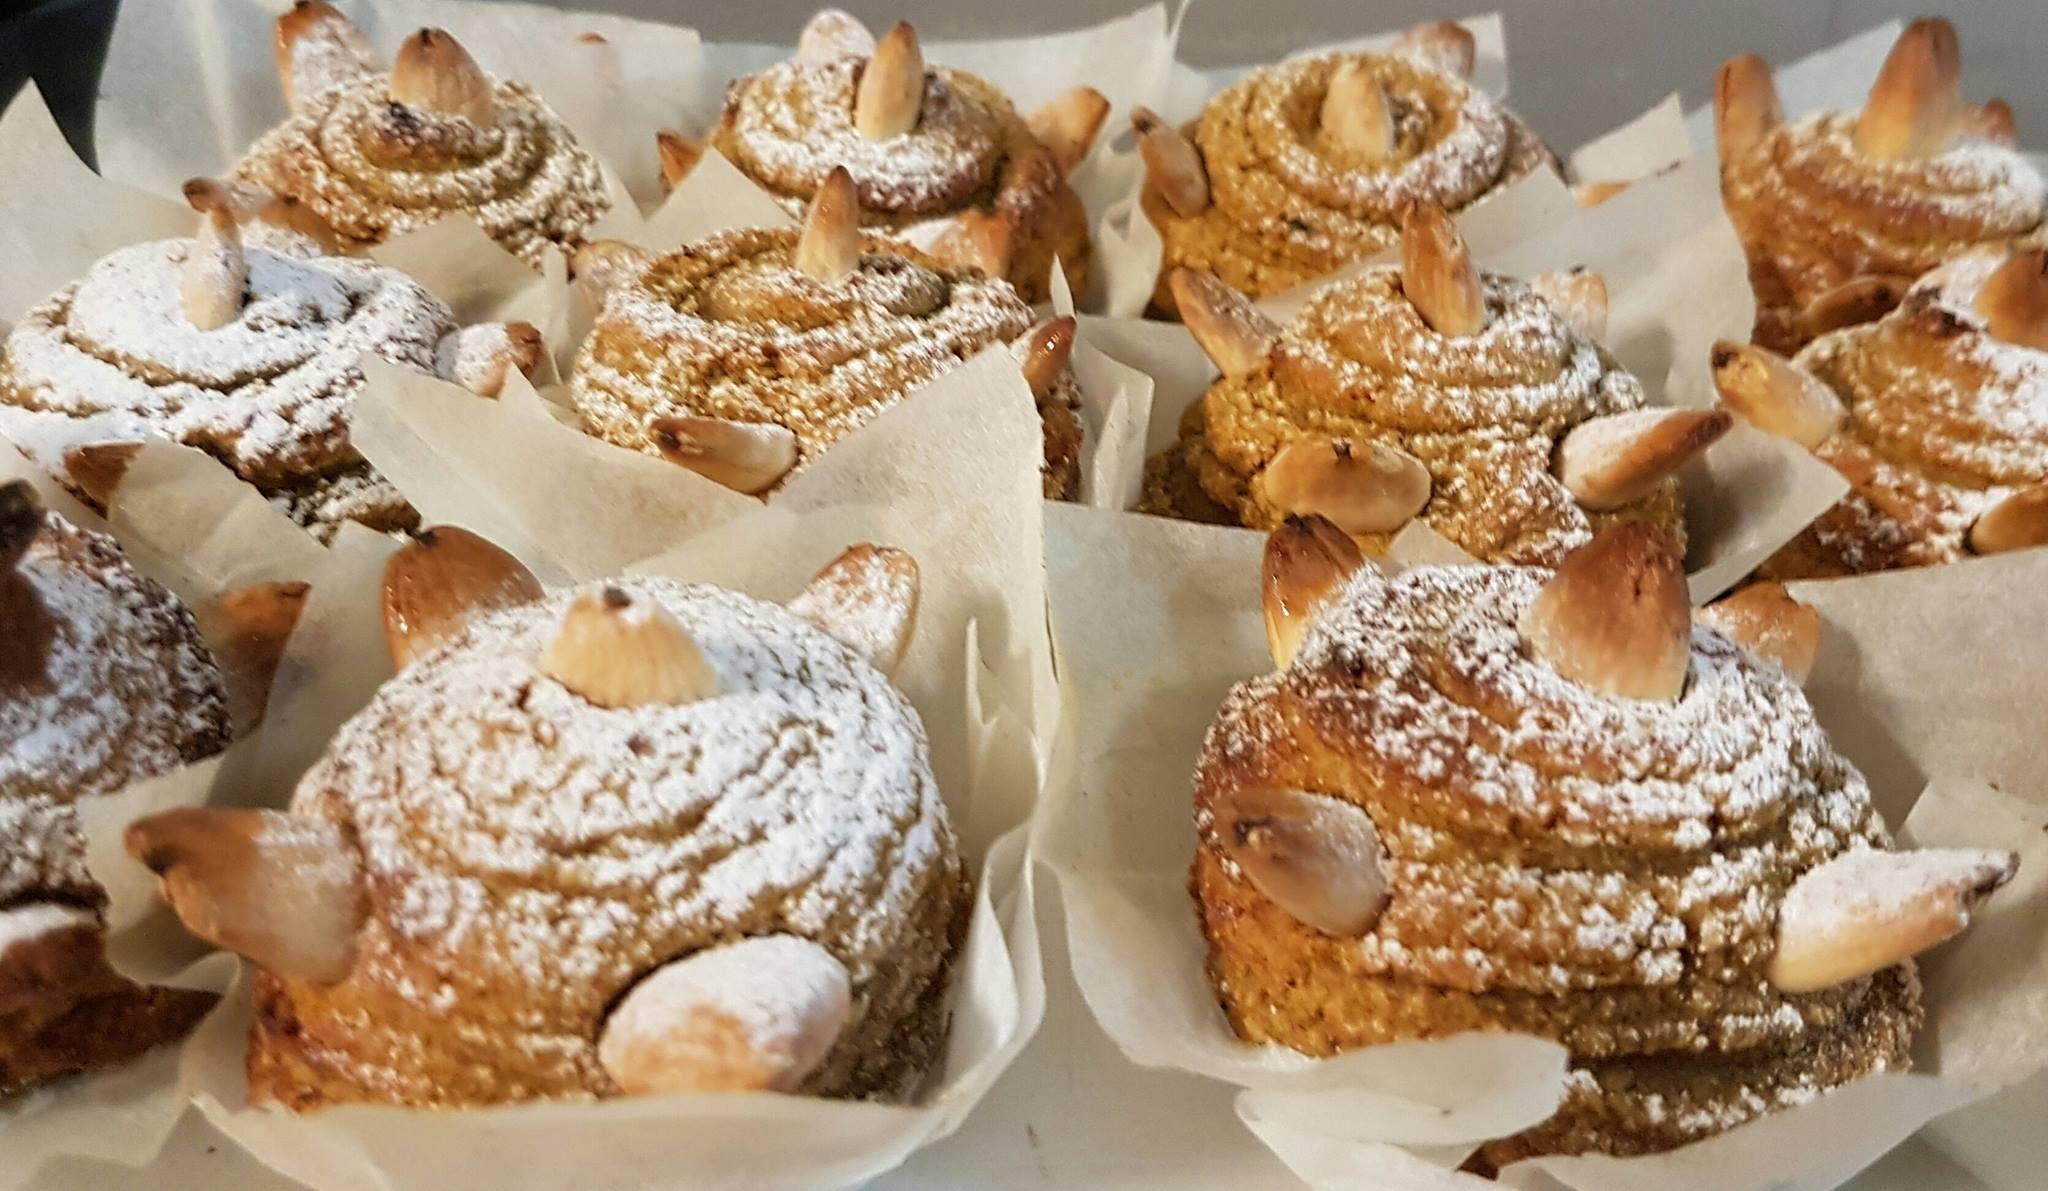 Foto 23 de Panaderías en València | Forn Pastisseria Tonet i Roseta